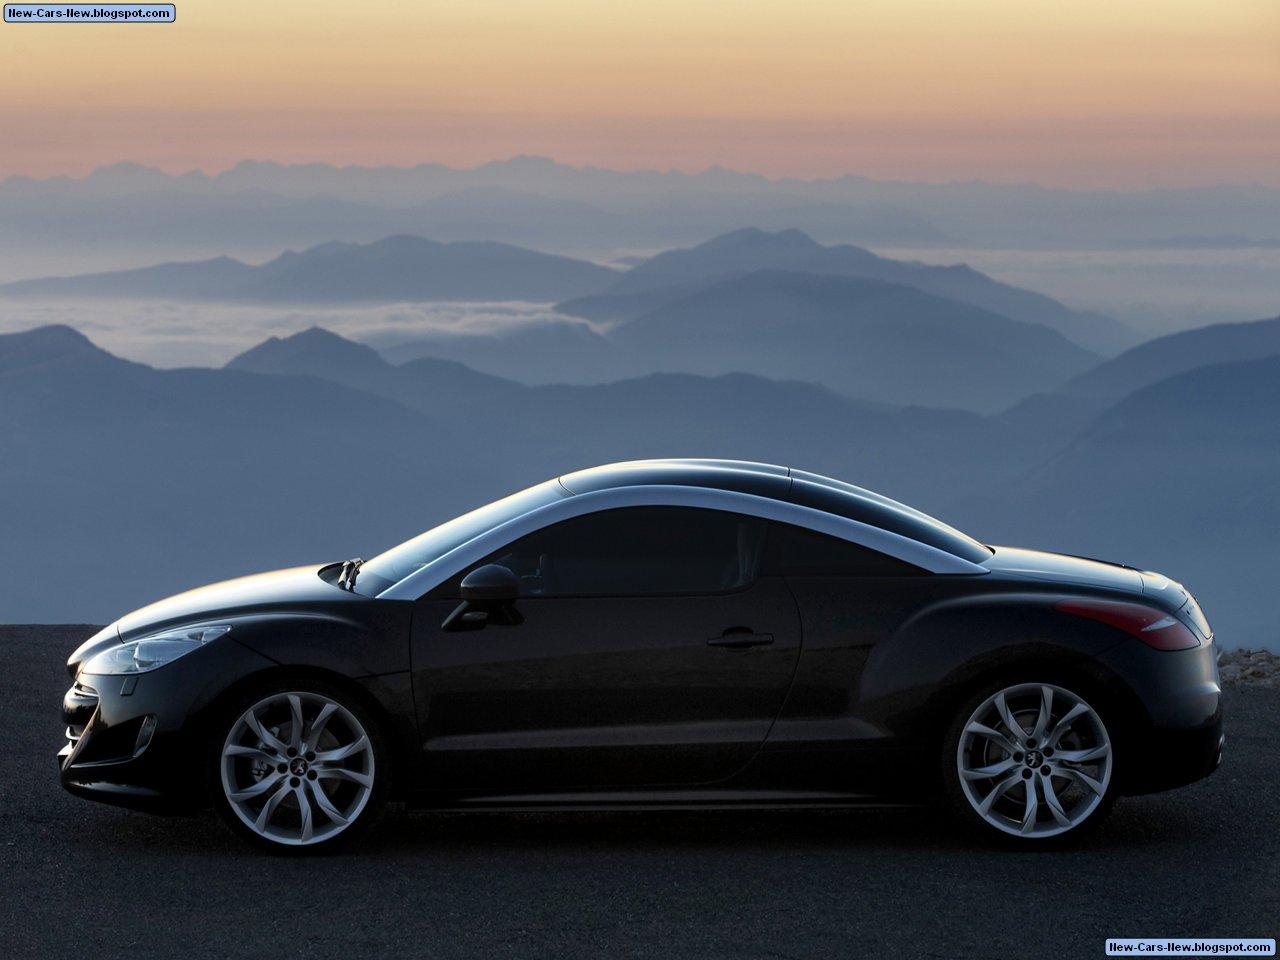 http://4.bp.blogspot.com/_U4w592tUDHM/TCD0UvOjUqI/AAAAAAAACwY/ACStrQ9h3dE/s1600/Peugeot-RCZ_2011_1280x960_wallpaper_05.jpg